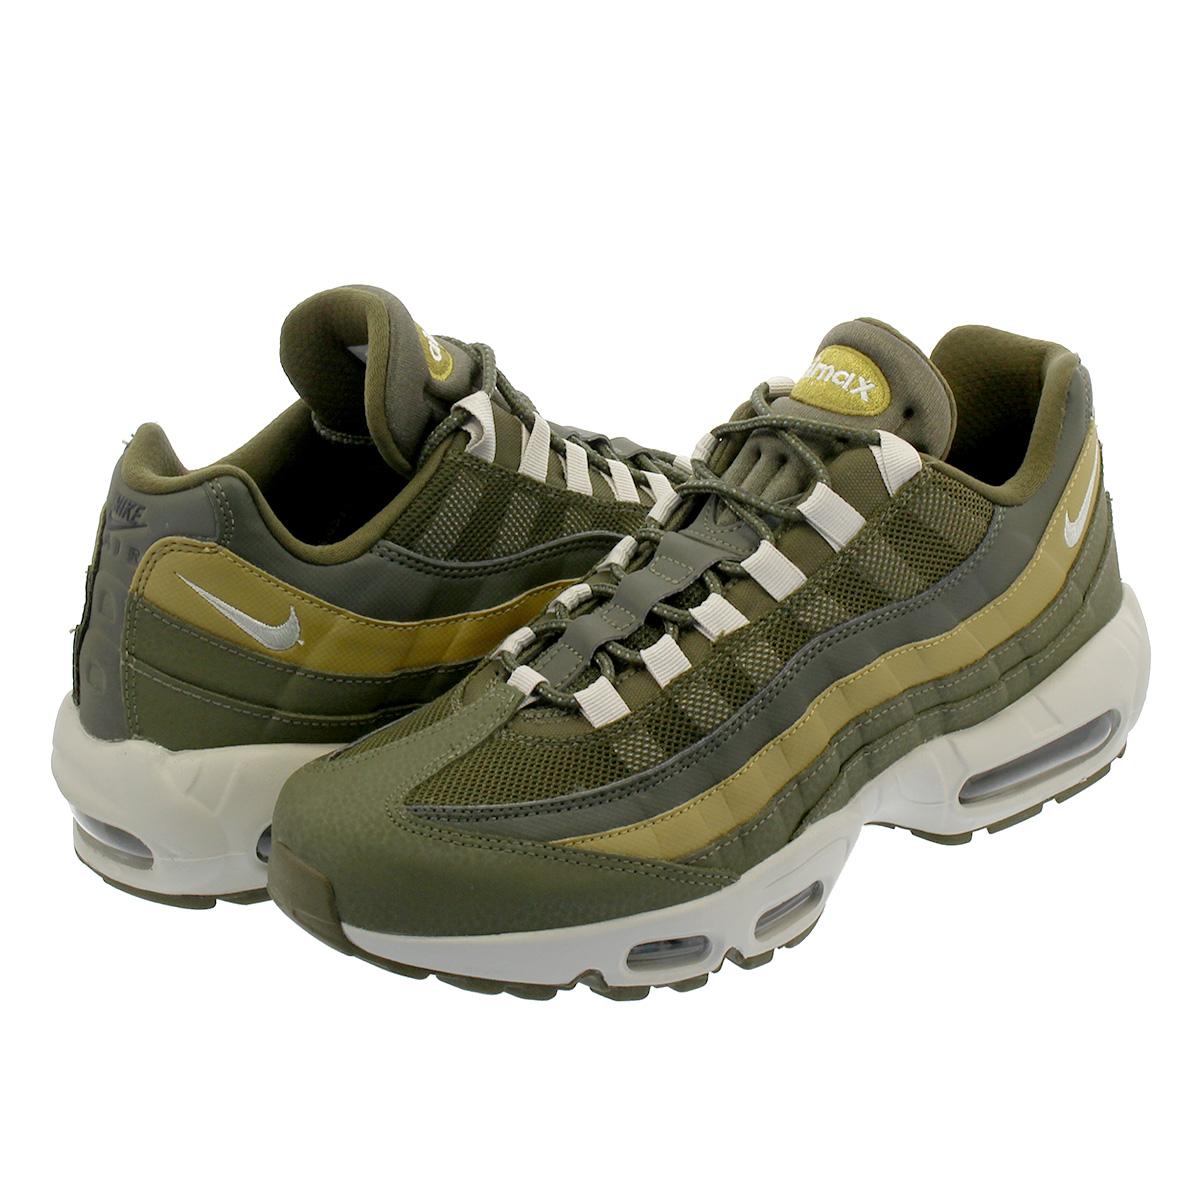 NIKE Kie Ney AMAX 95 essential sneakers men AIR MAX 95 ESSENTIAL 749,766 303 olive